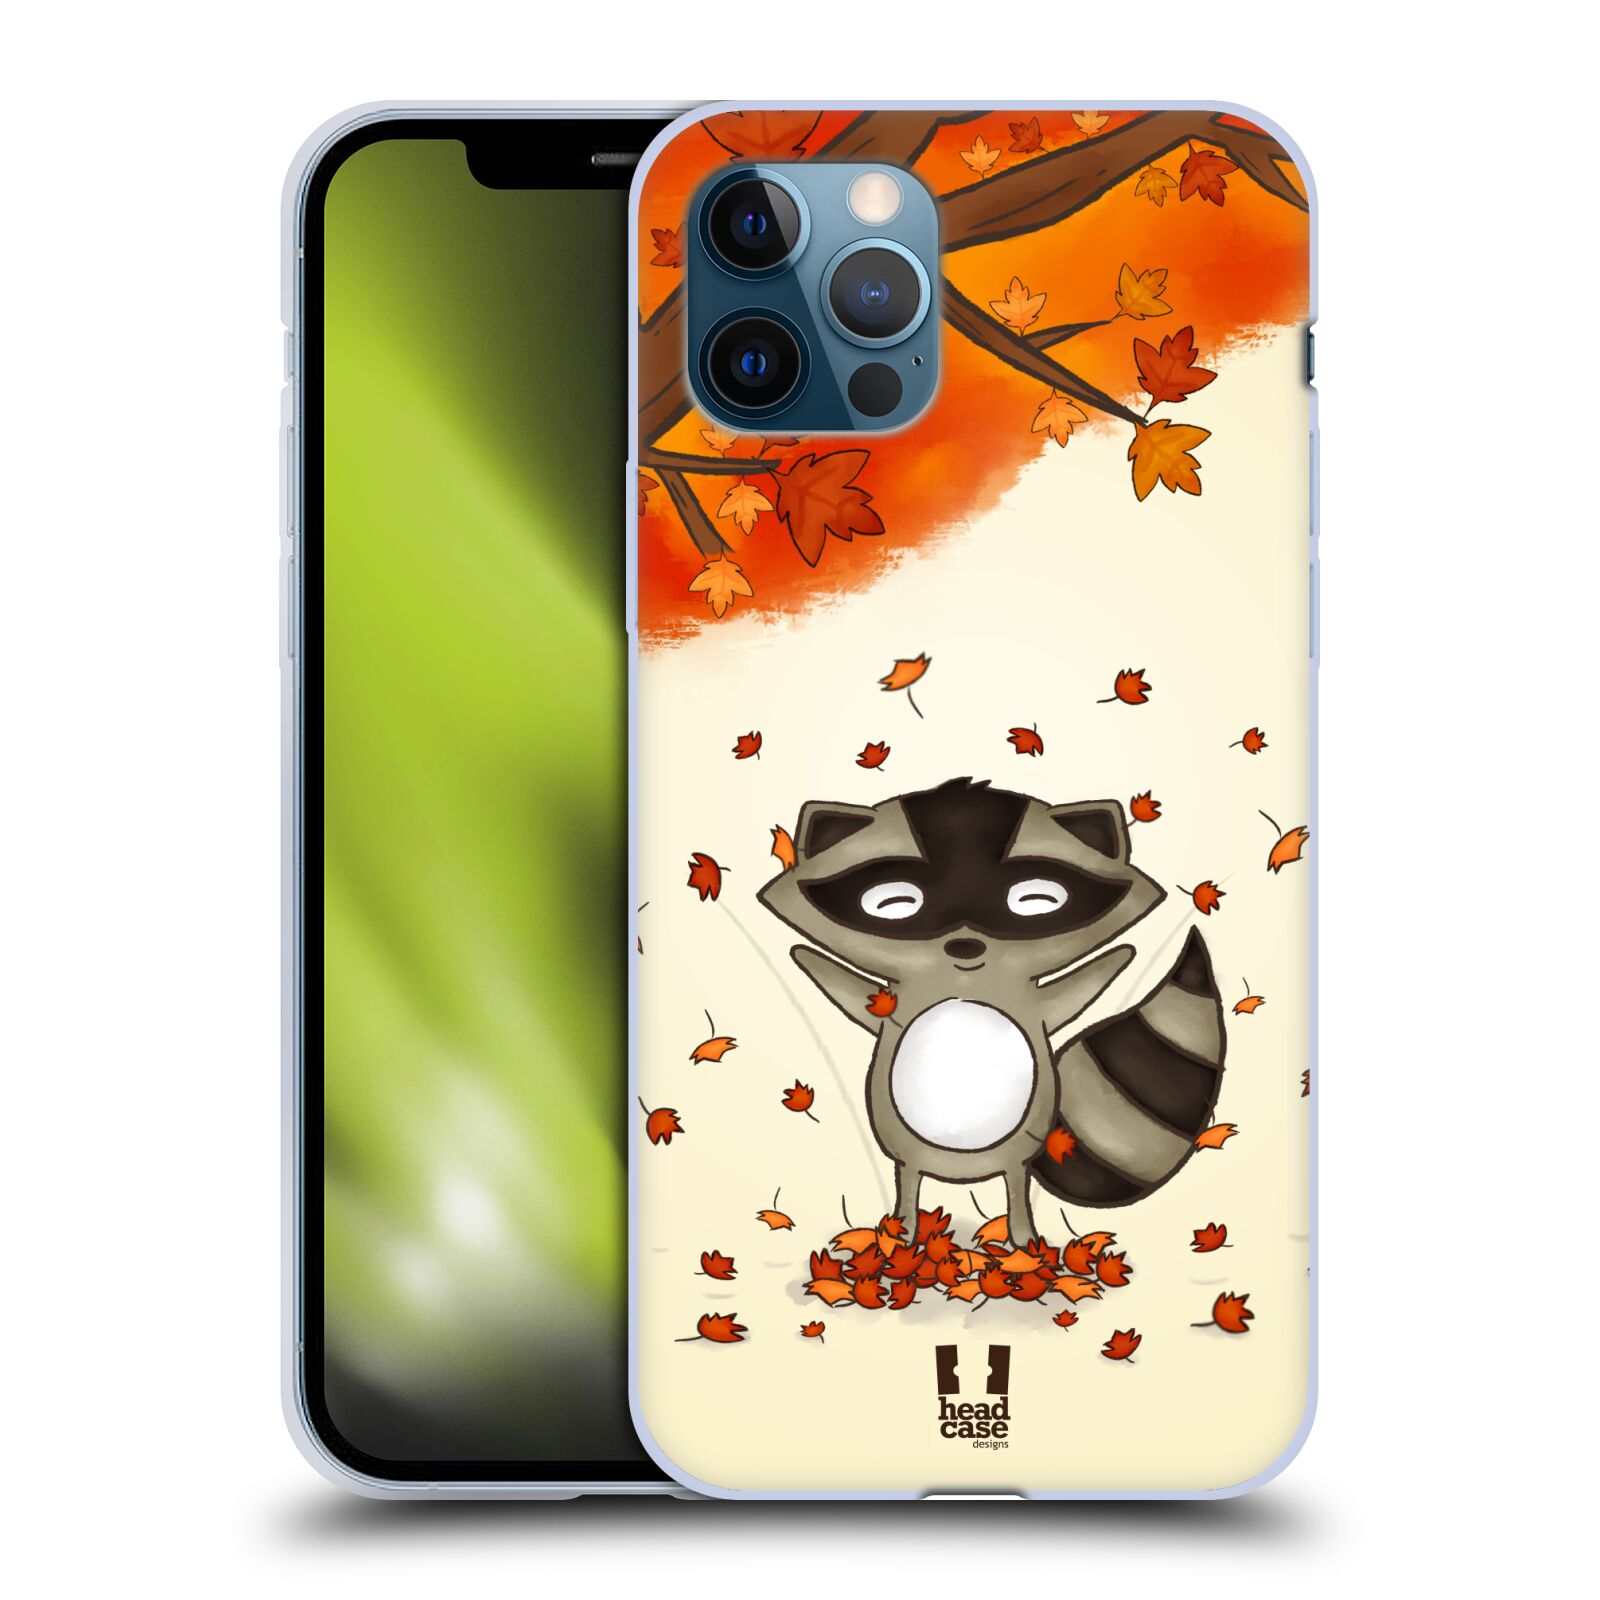 Silikonové pouzdro na mobil Apple iPhone 12 / 12 Pro - Head Case - PODZIMNÍ MÝVAL